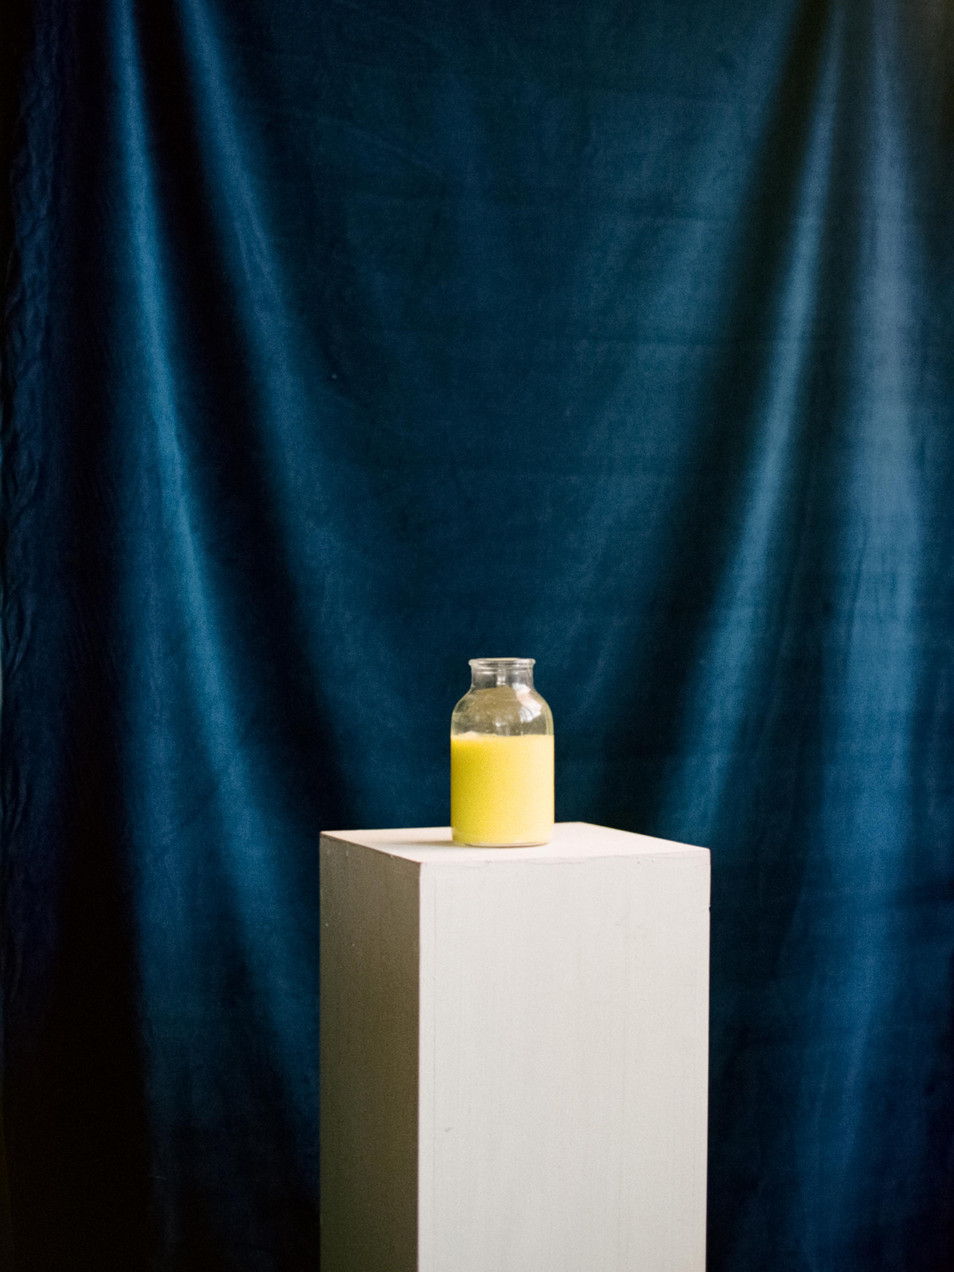 Rachel-Mackay_Oridnary-Objects-09.jpg